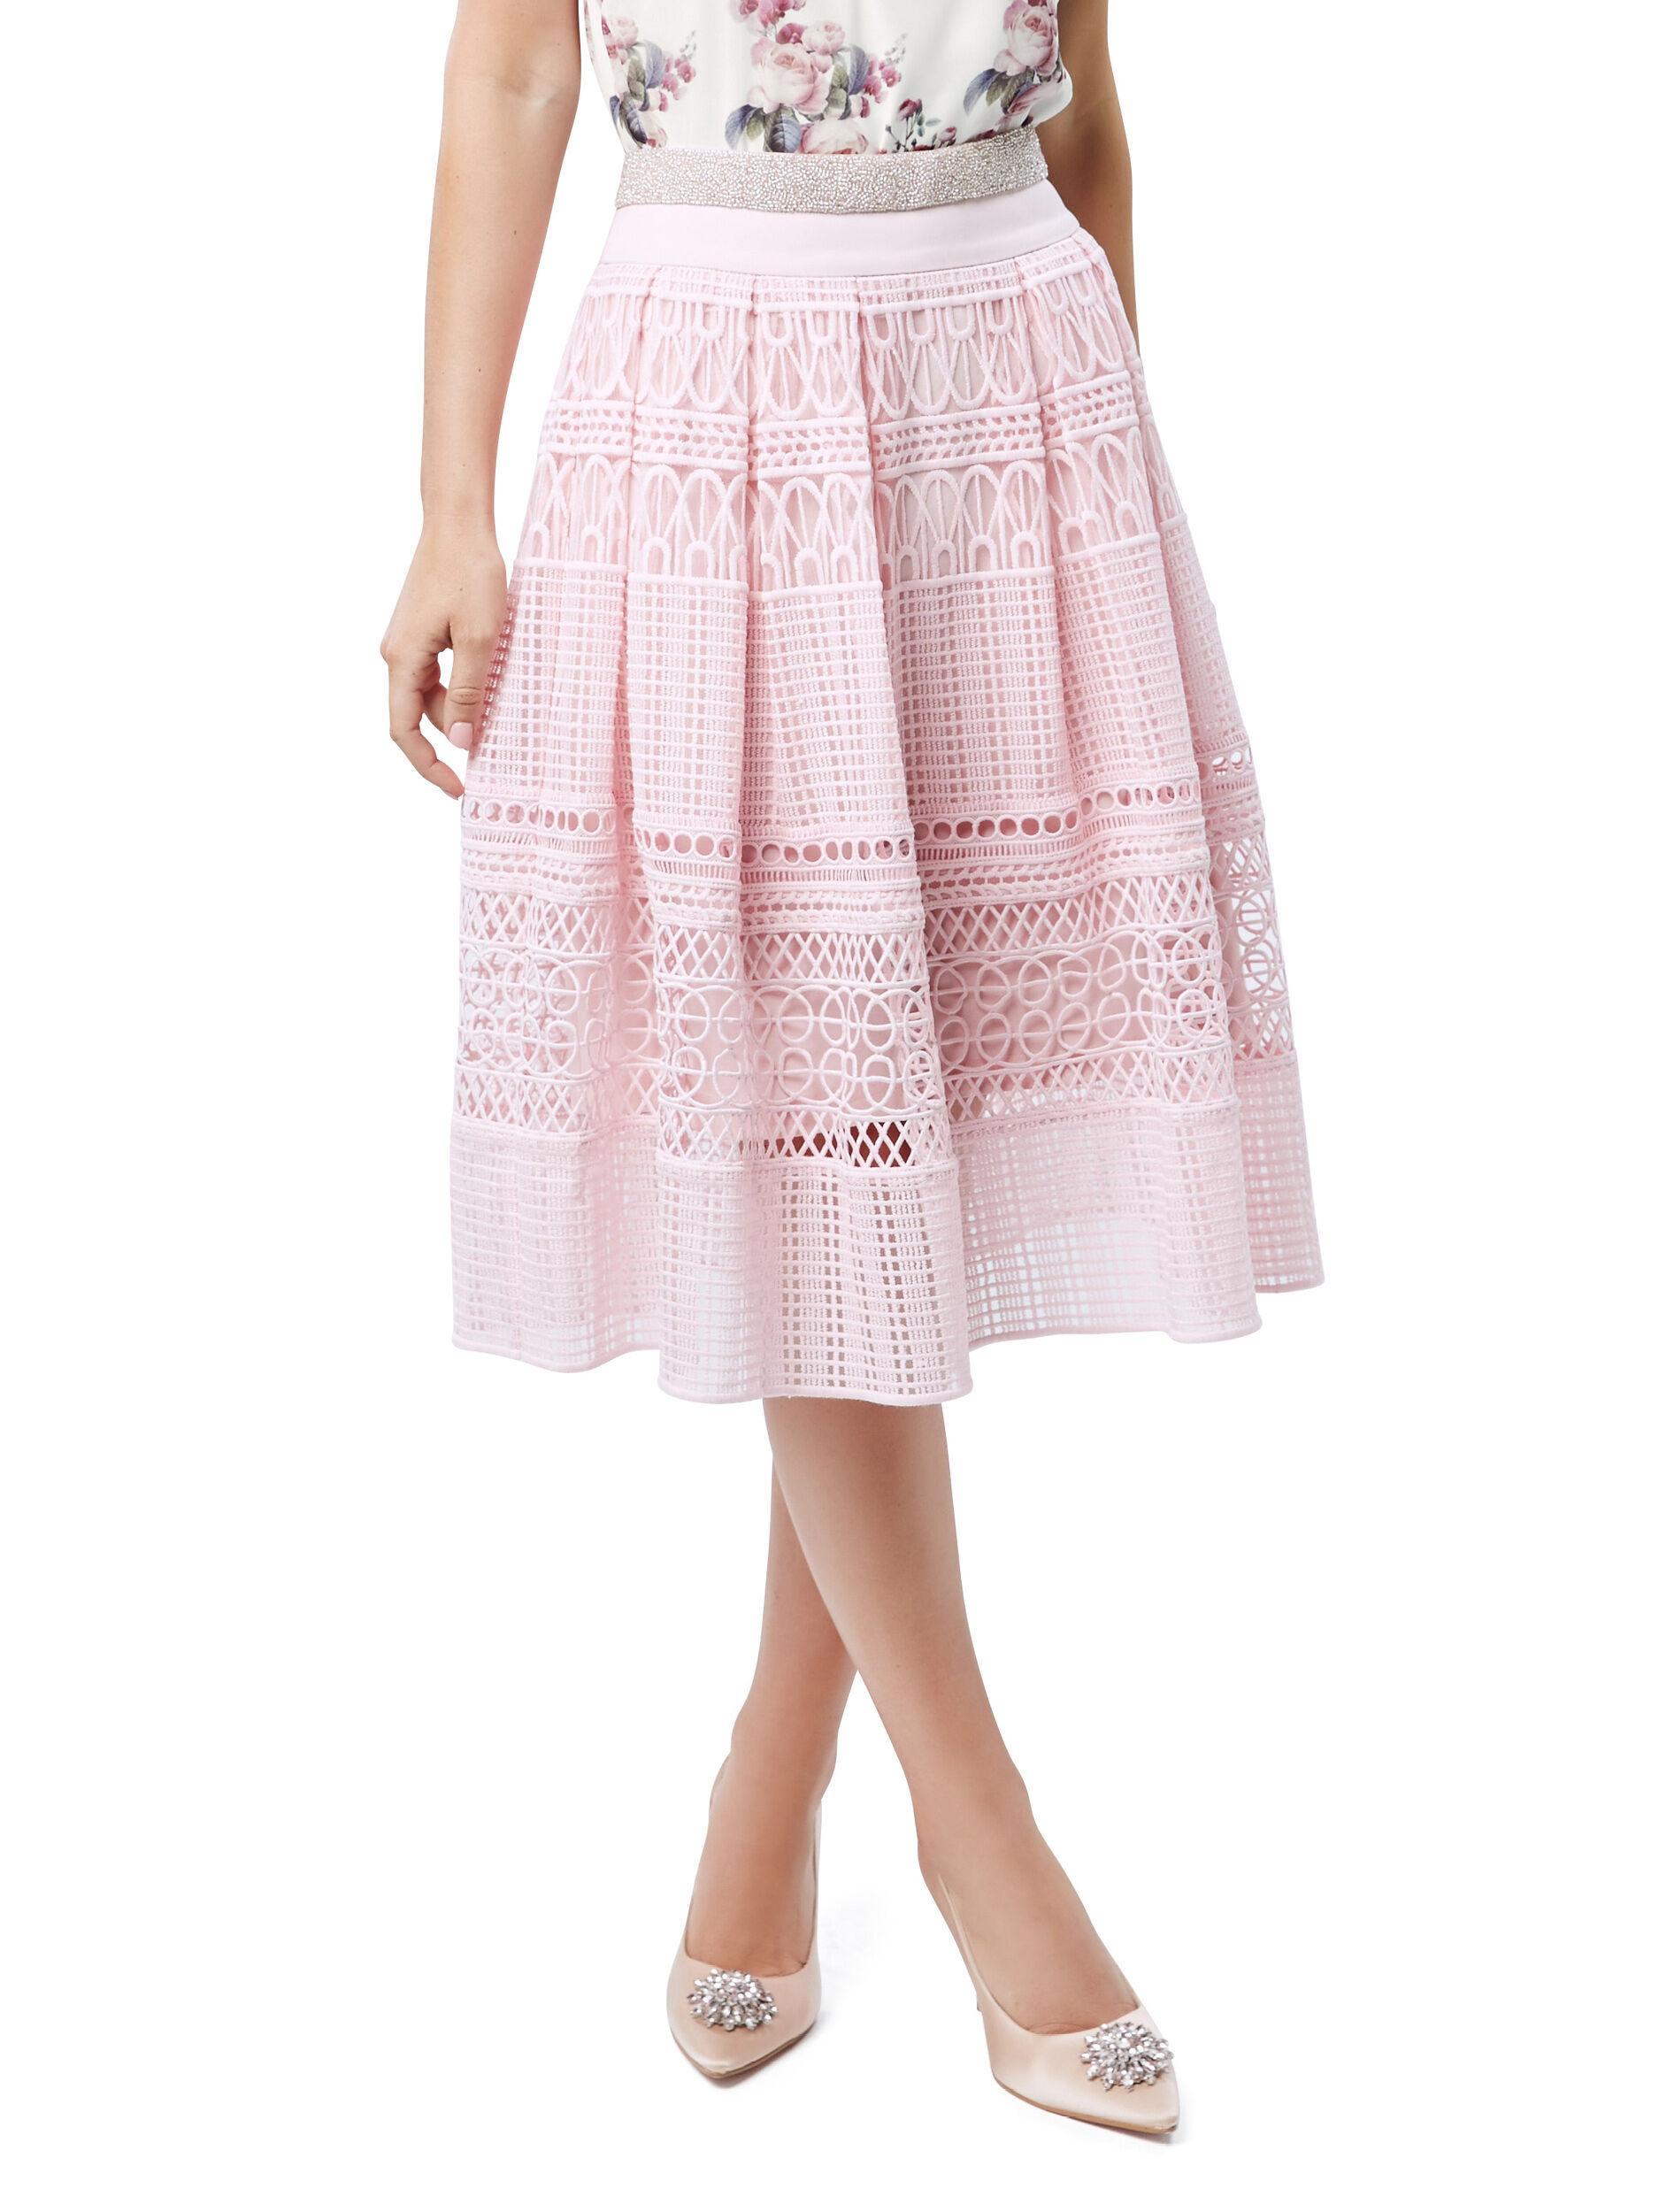 Russian Romance Skirt